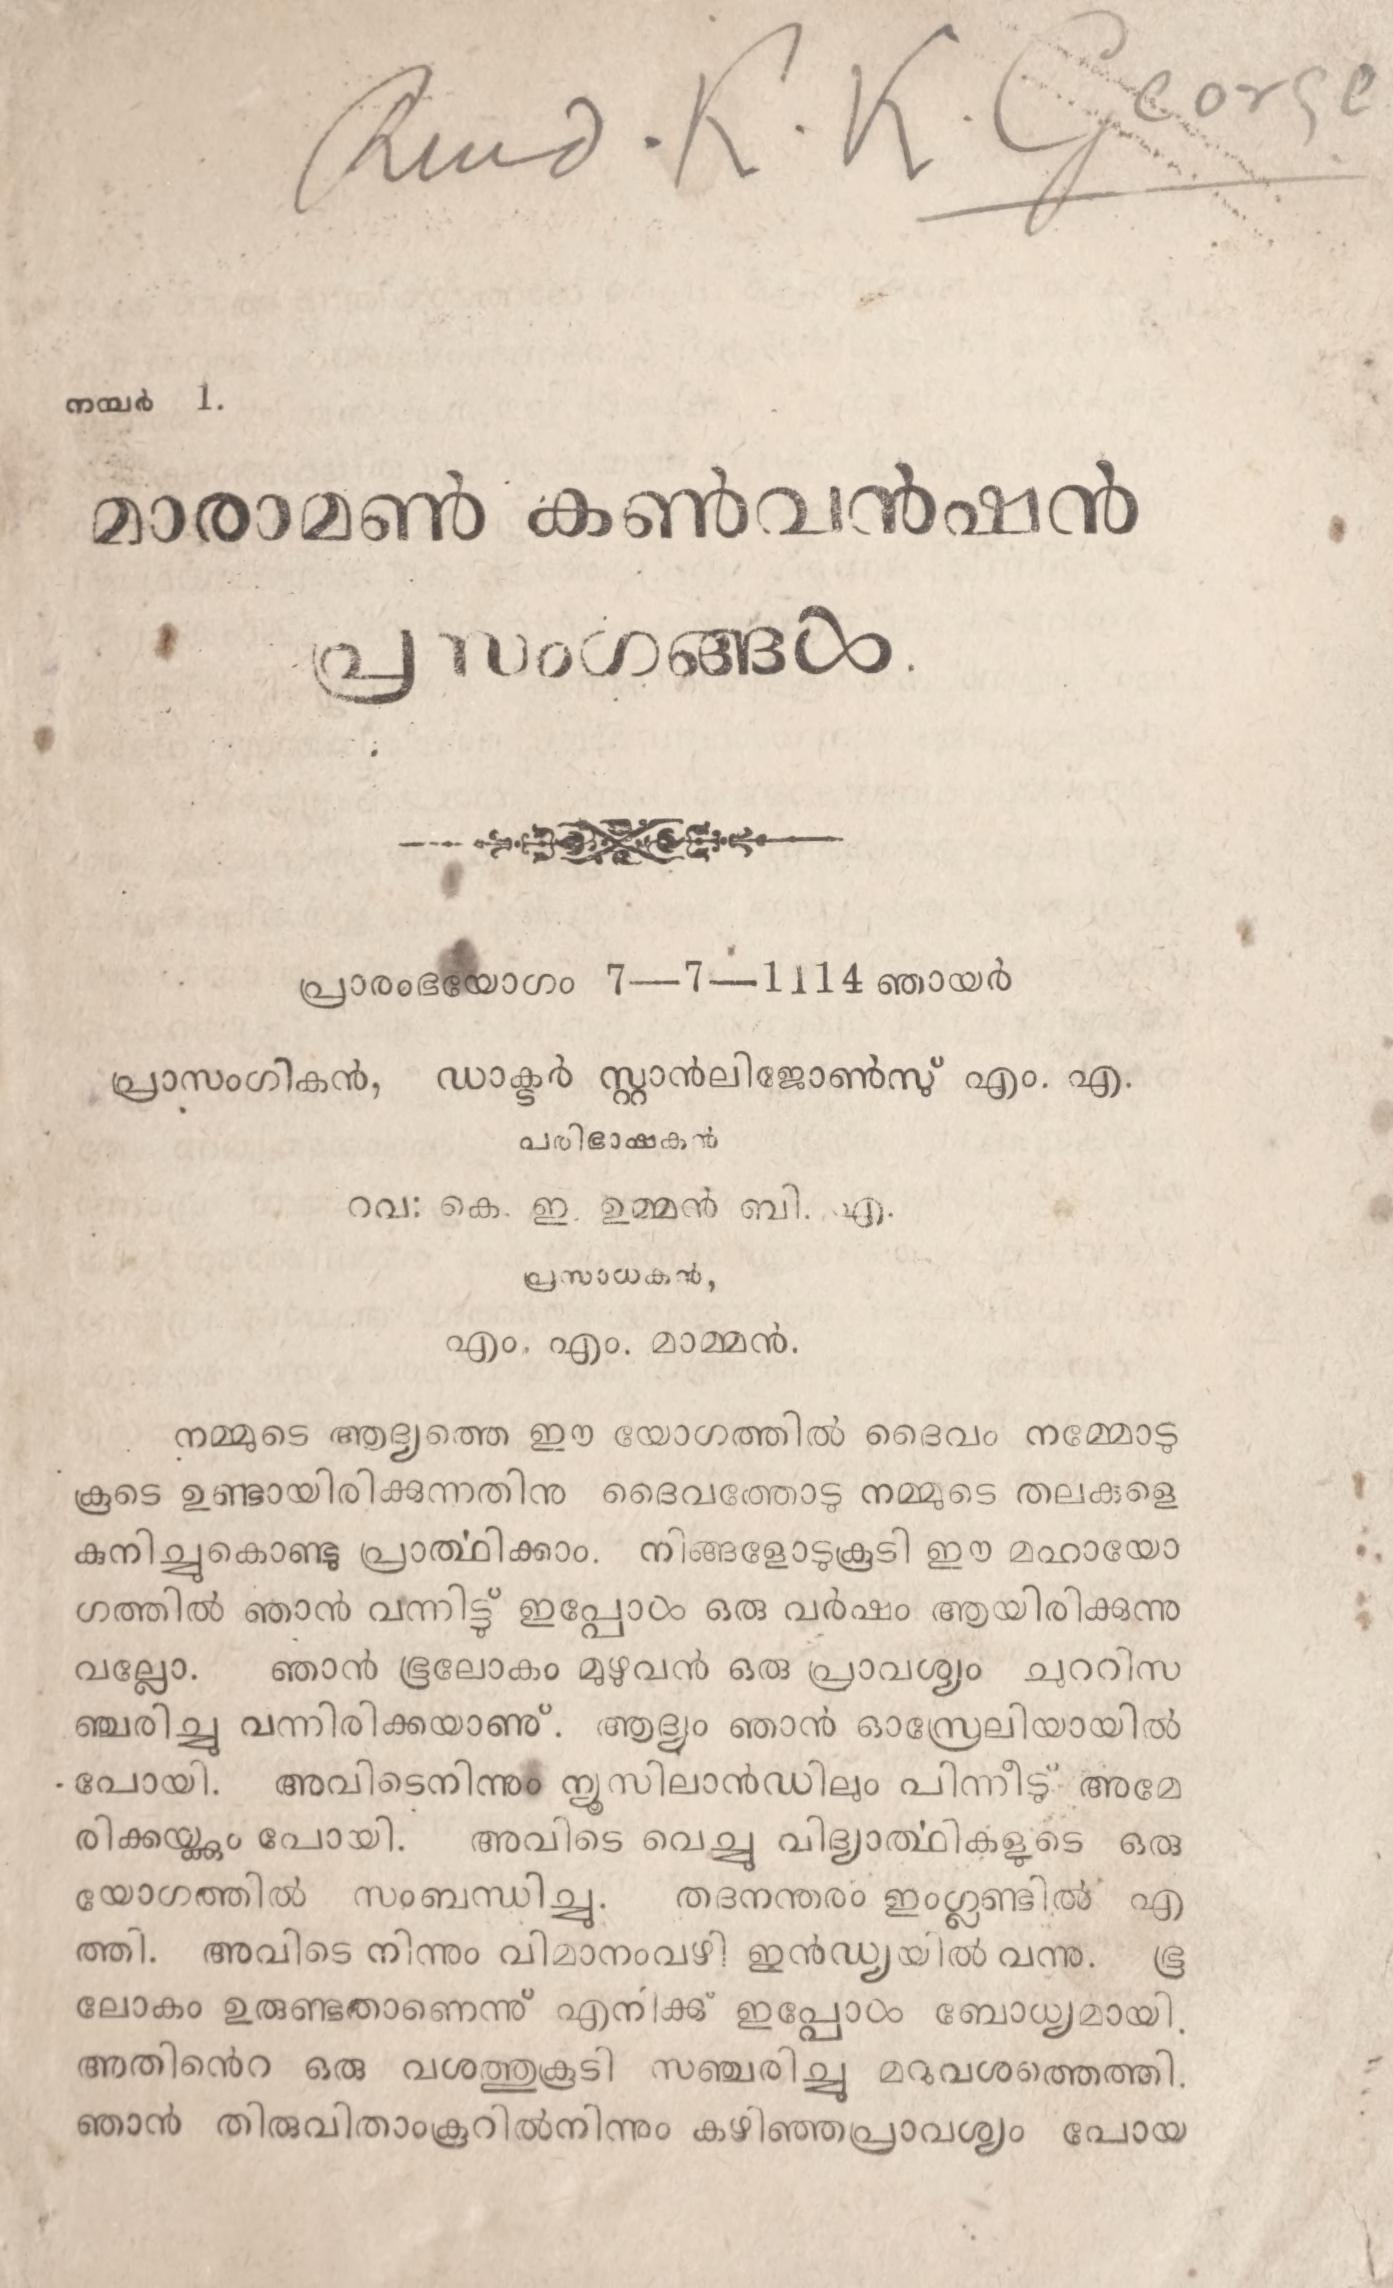 1939 - മാരാമൺ കൺവൻഷൻ പ്രസംഗങ്ങൾ